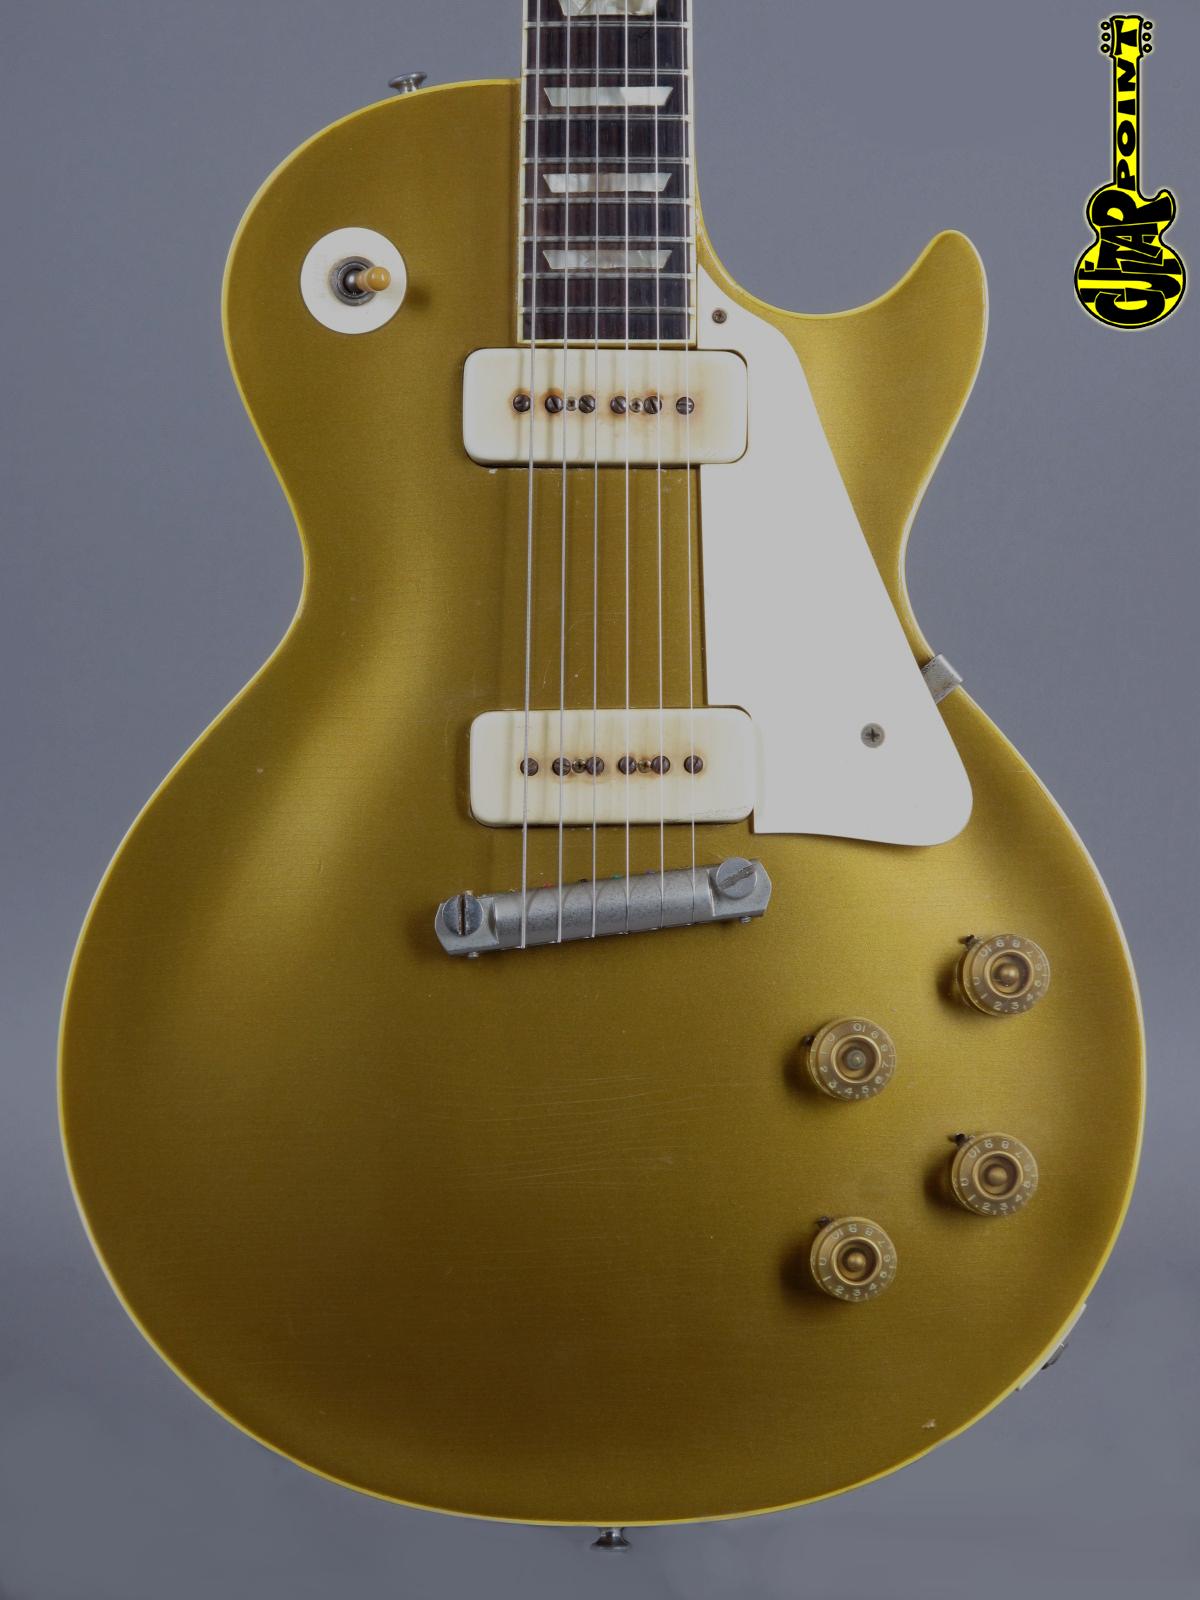 1954 Gibson Les Paul Standard Gold Top - All Gold Lightweight!